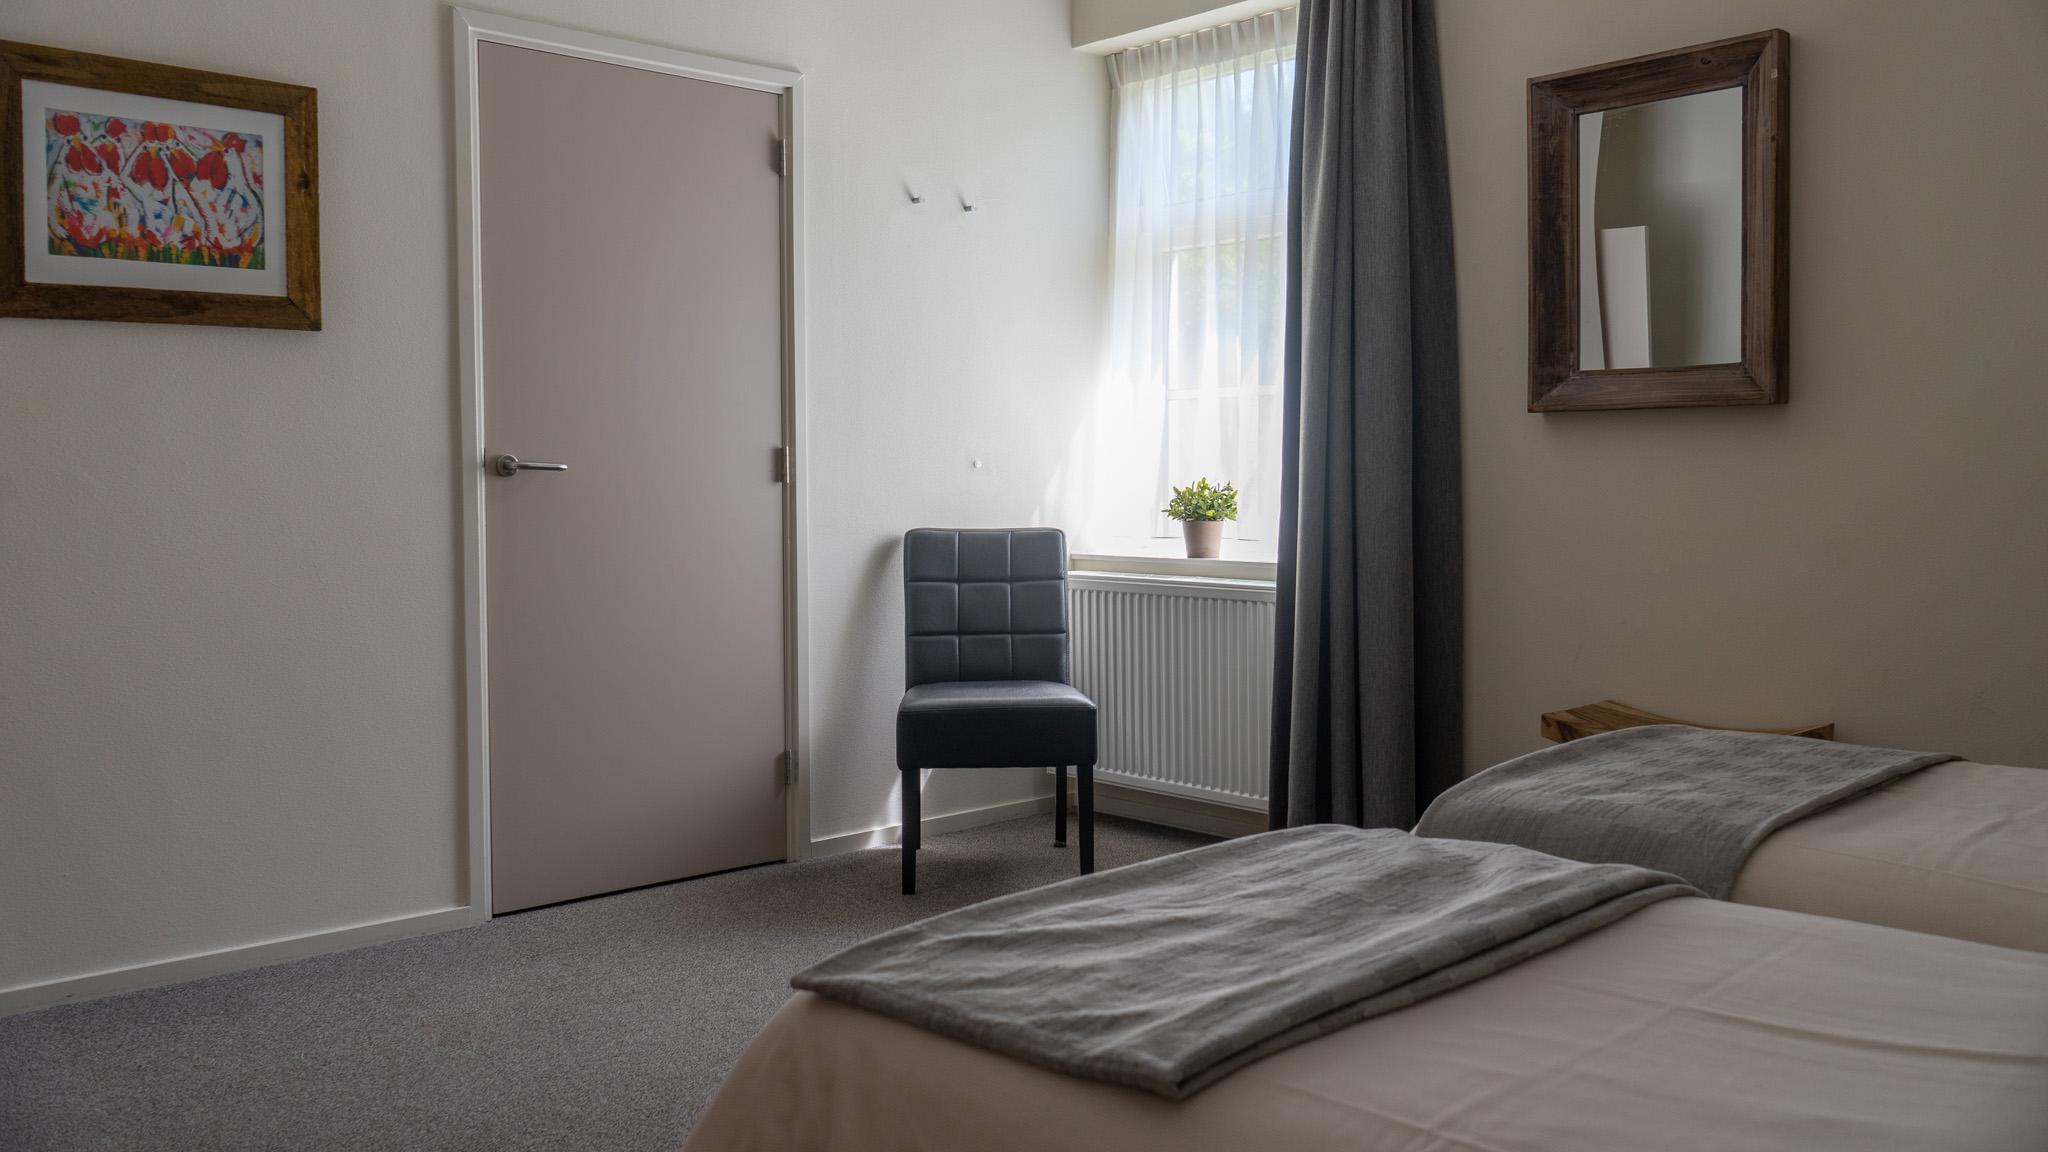 Slaapkamer Groepsaccommodatie drenthe Orvelter hof 12